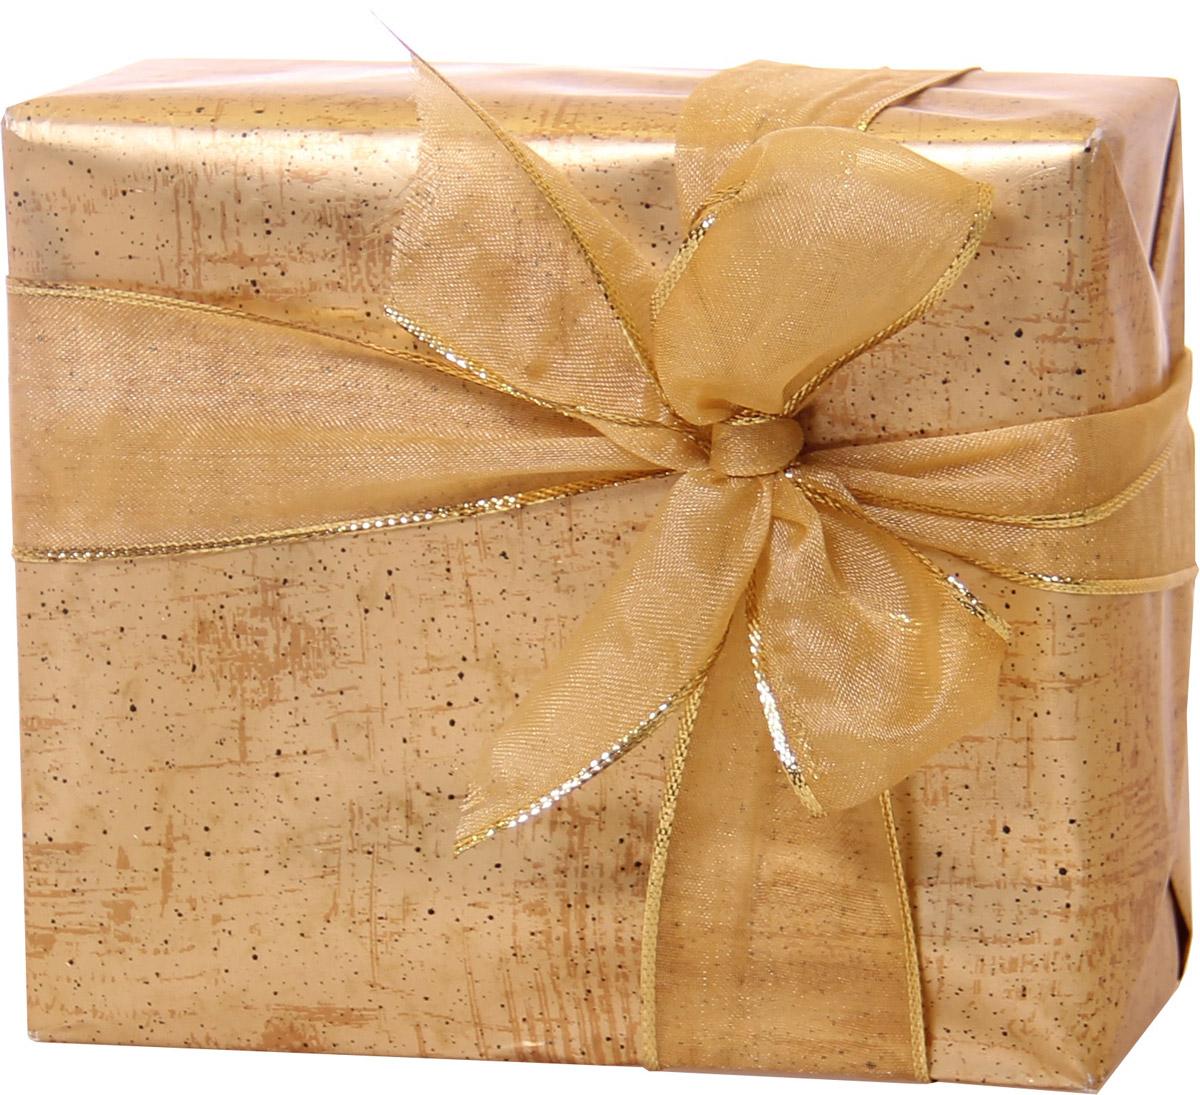 Bouchard Ассорти Премиум Бельгийская Шоколадная коллекция, 185 г0120710Восхитительные бельгийские шоколадные конфеты BOUCHARD L'ESCAUT Ассорти Премиум произведут впечатление на самого разборчивого знатока шоколада.Конфеты Bouchard наполнены нежнейшим кремом с добавлением миндаля и фундука. Покрыты изысканным бельгийским шоколадом. Отличаются ароматом ванили и насыщенным вкусом с притягательной терпкостью.Бельгийцы - непревзойденные мастера в приготовлении шоколада - считают это лакомство лучшим подарком. Нежный, буквально тающий во рту, он доставит удовольствие всем любителям сладкого.